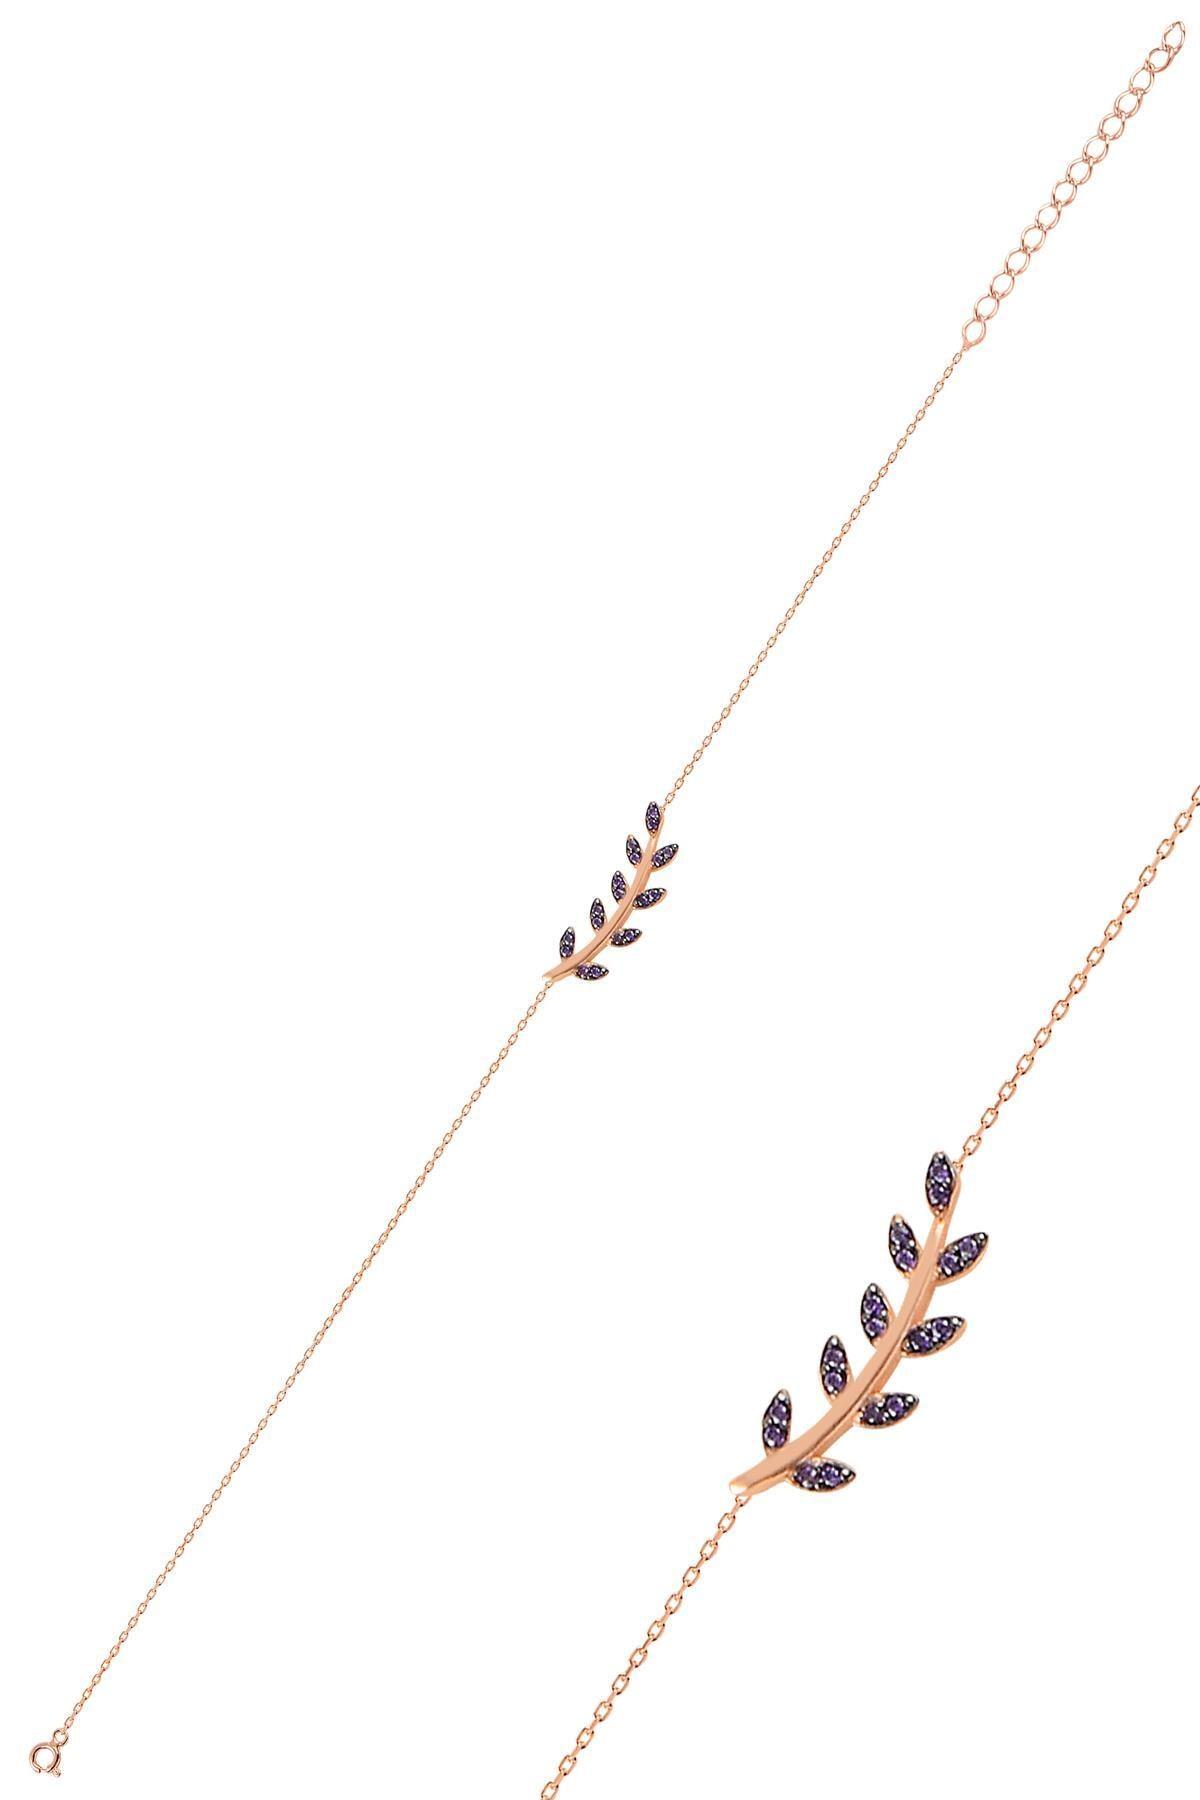 Söğütlü Silver Gümüş Rose Mor Taşlı Yaprak Bileklik